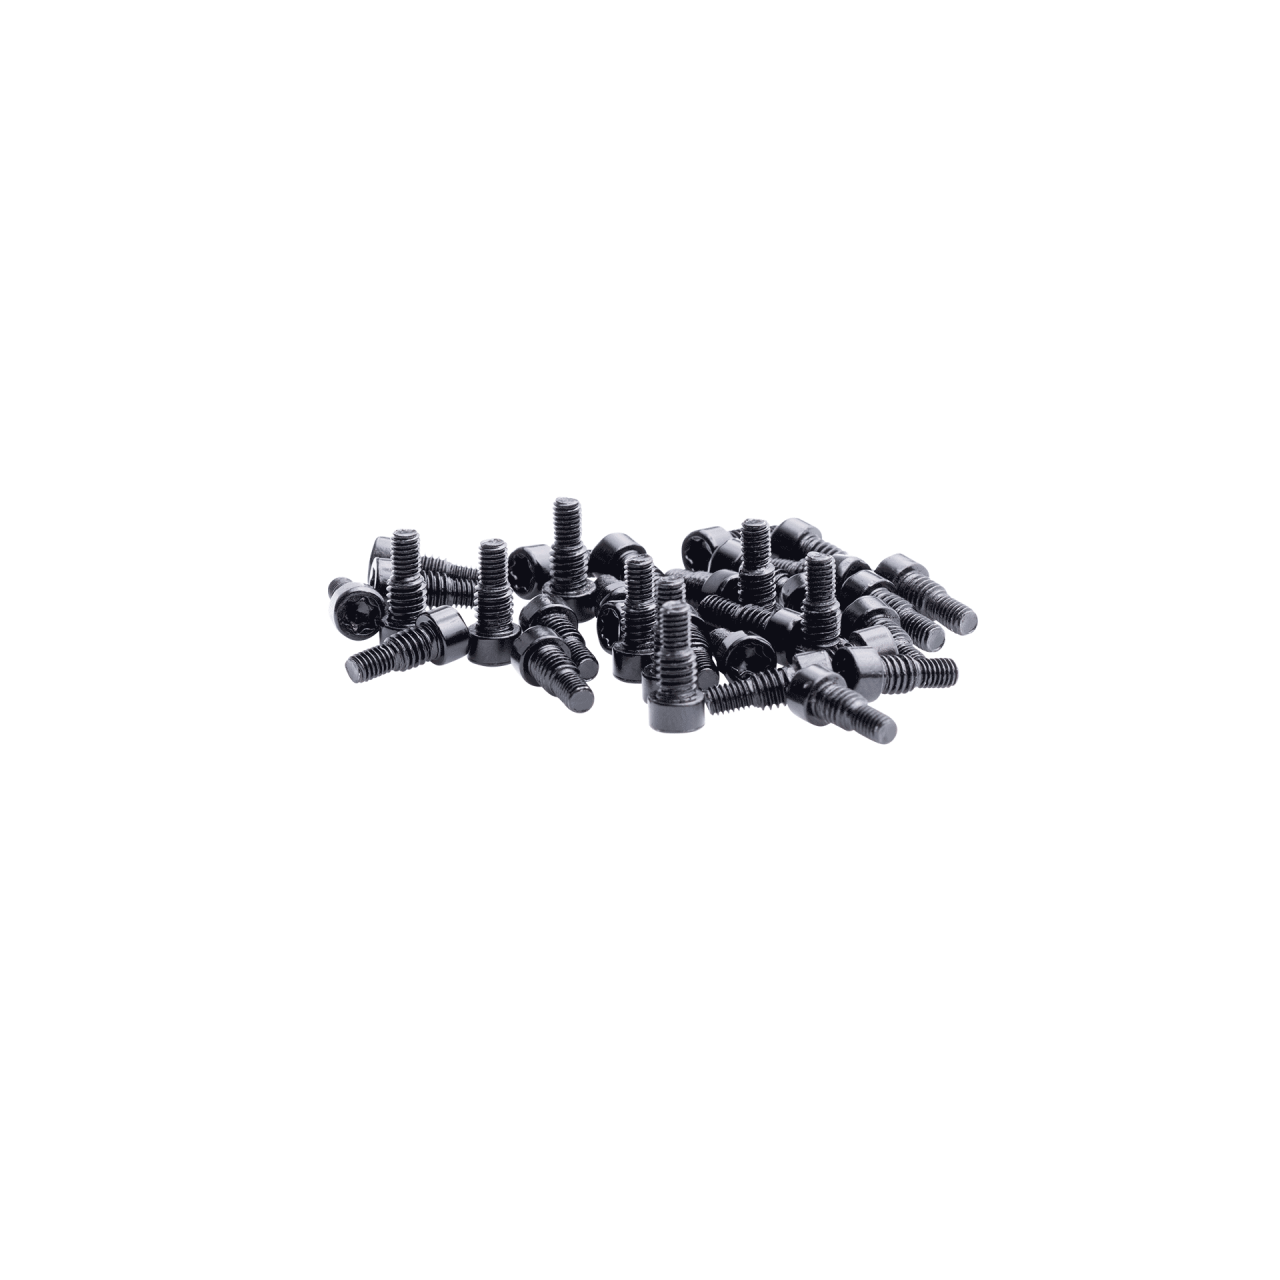 MILLENIUM M4 Pins